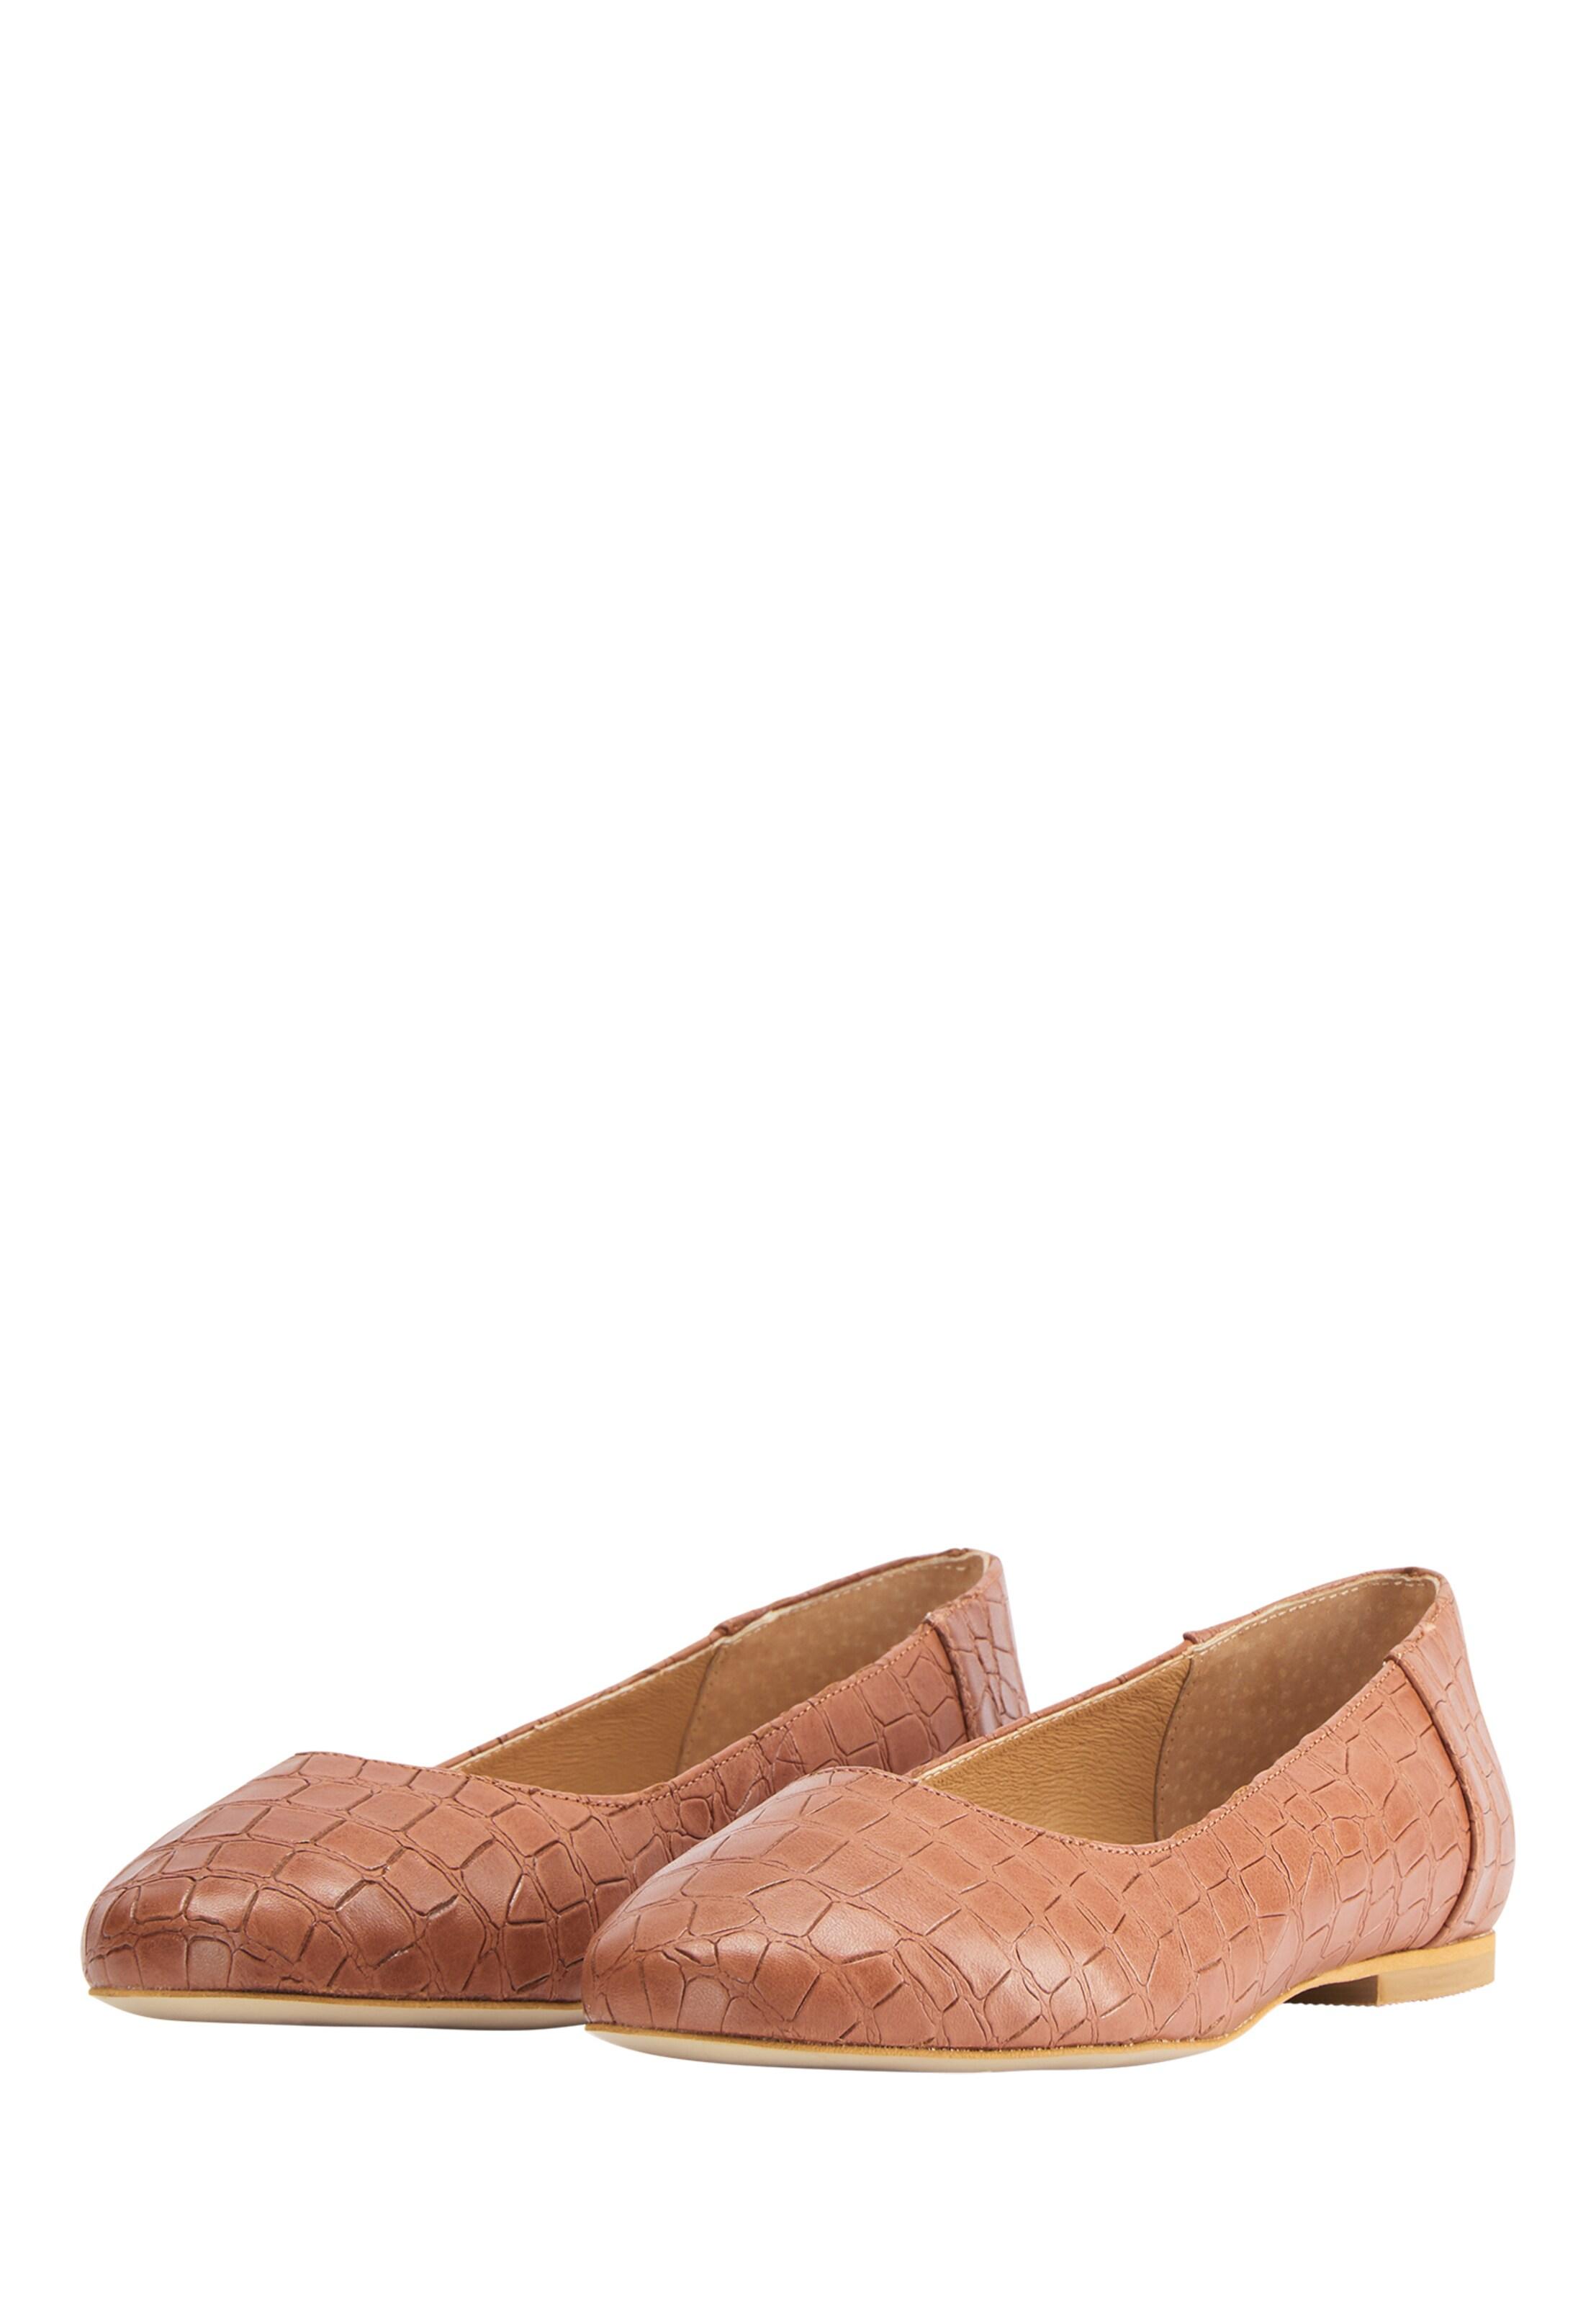 DreiMaster Vintage Ballerina in Bruin Leer 4063523186503